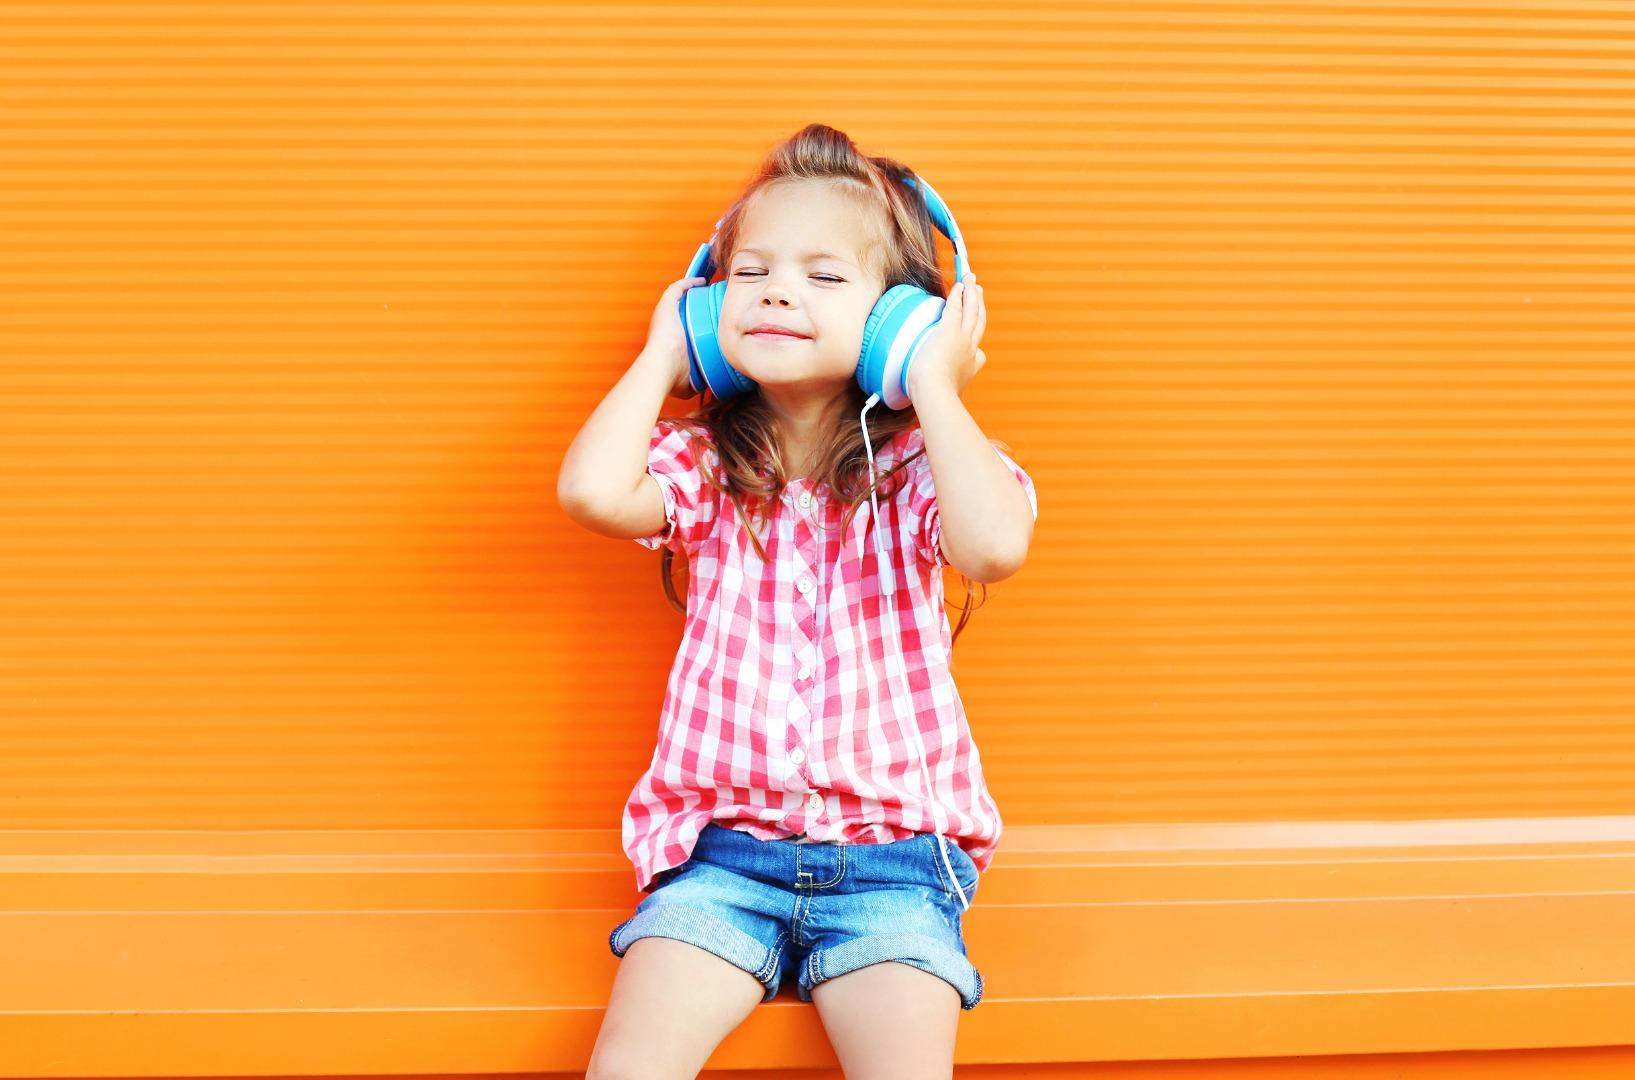 Аудиокниги для детей: 6 плюсов и 6 минусов